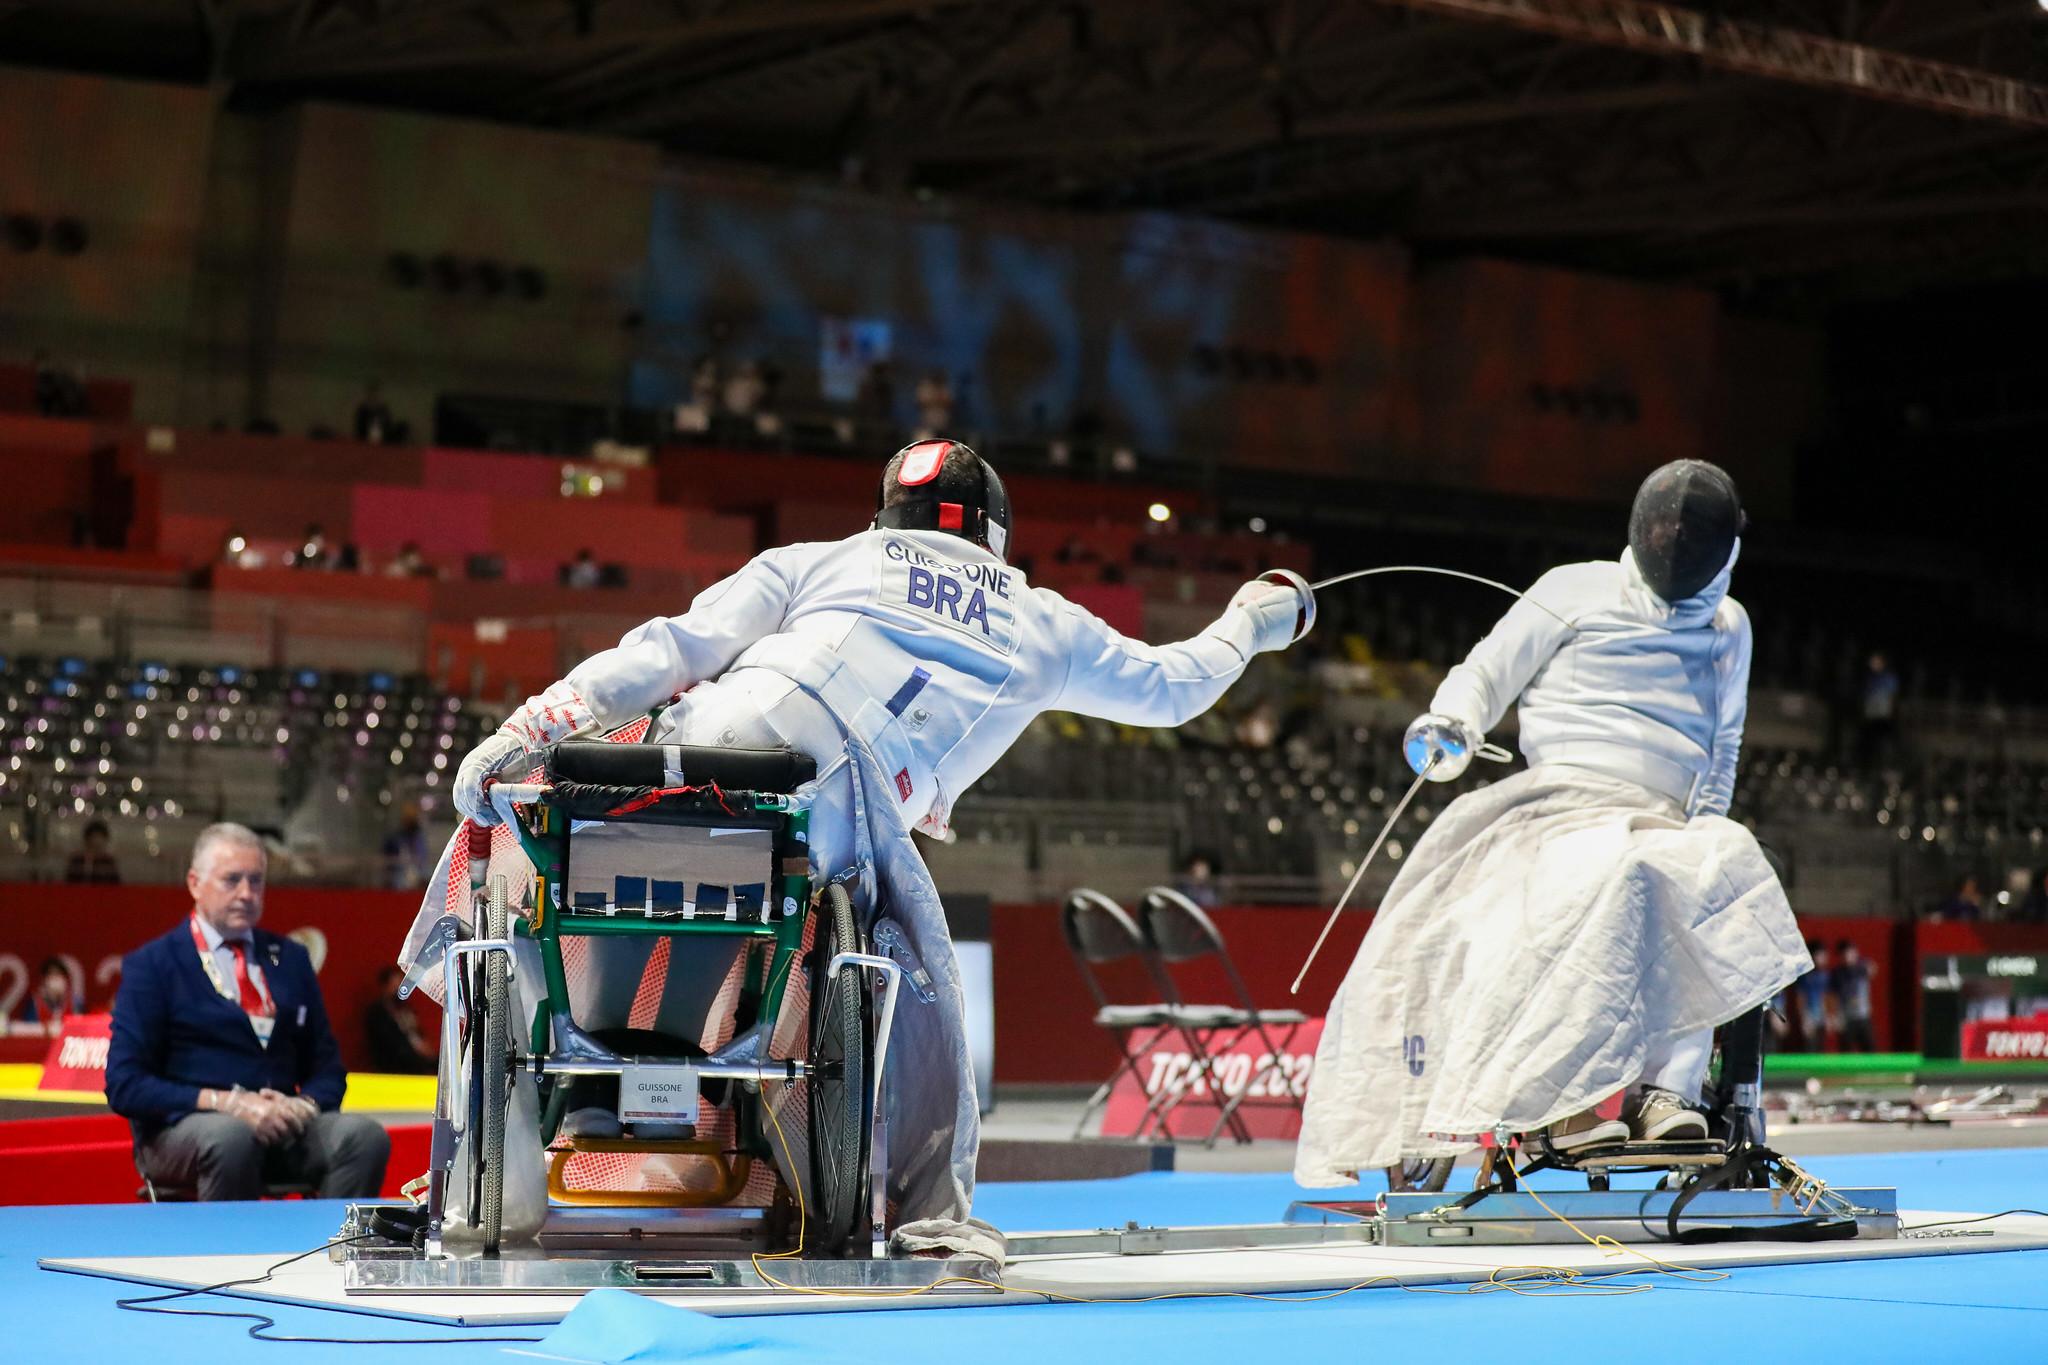 Copa Satélite de Paraesgrima tem início nesta sexta-feira, com presença de atletas da Seleção nos Jogos de Tóquio